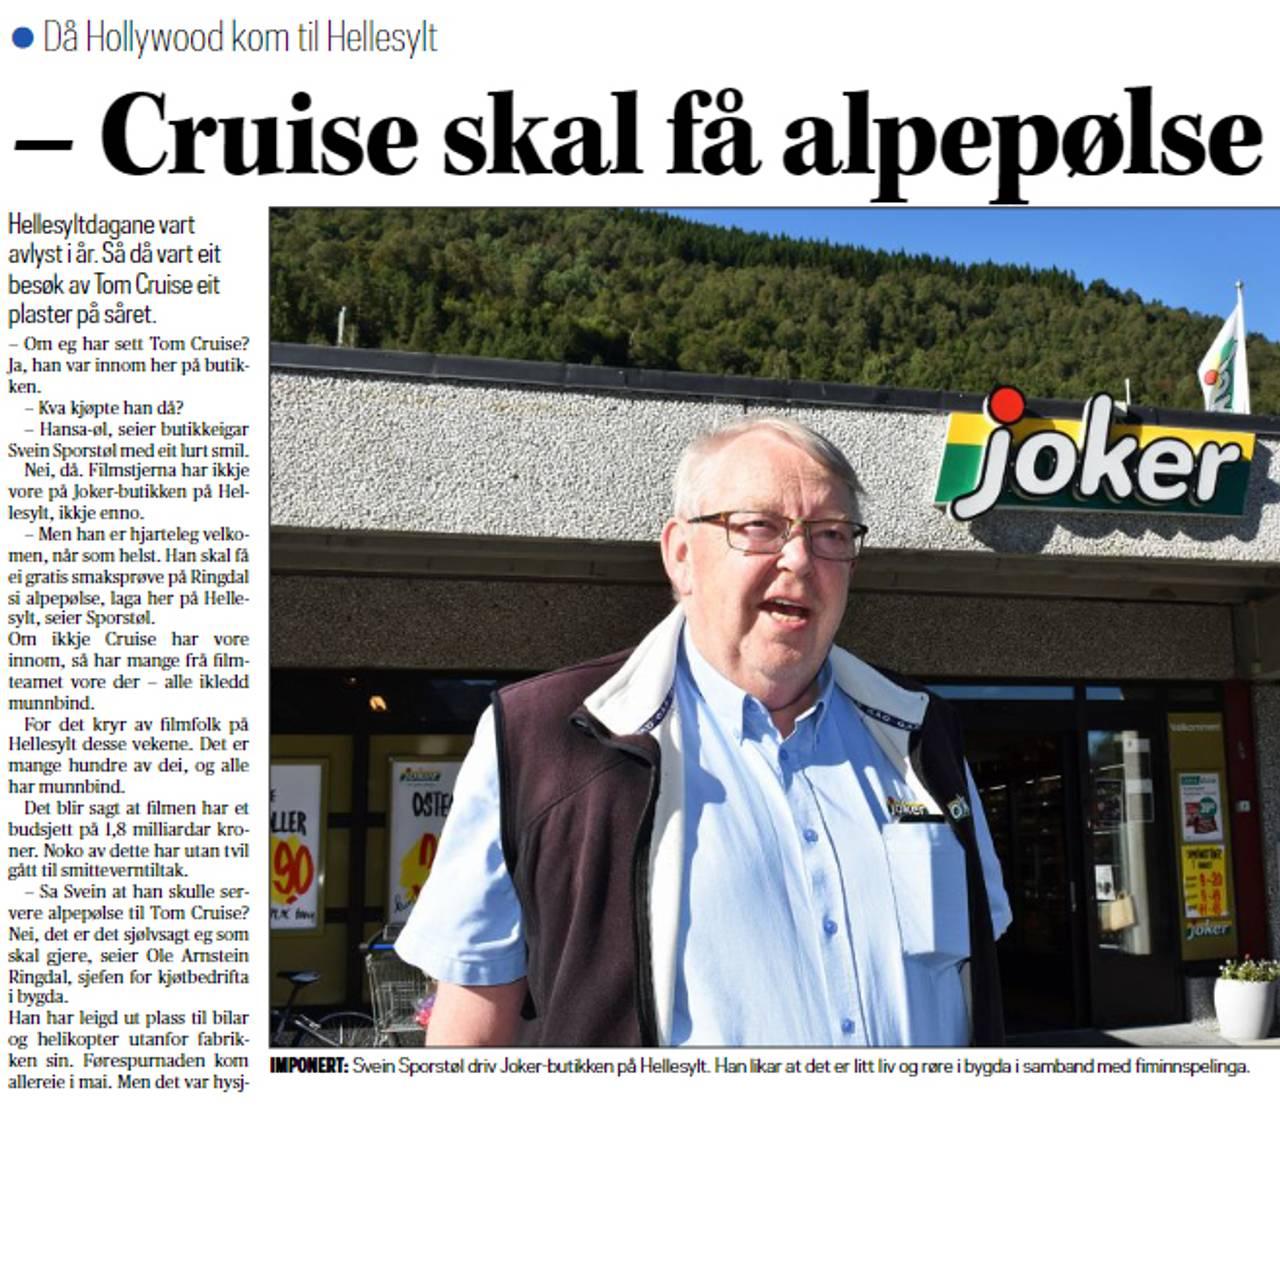 Cruise skal få alpepølse